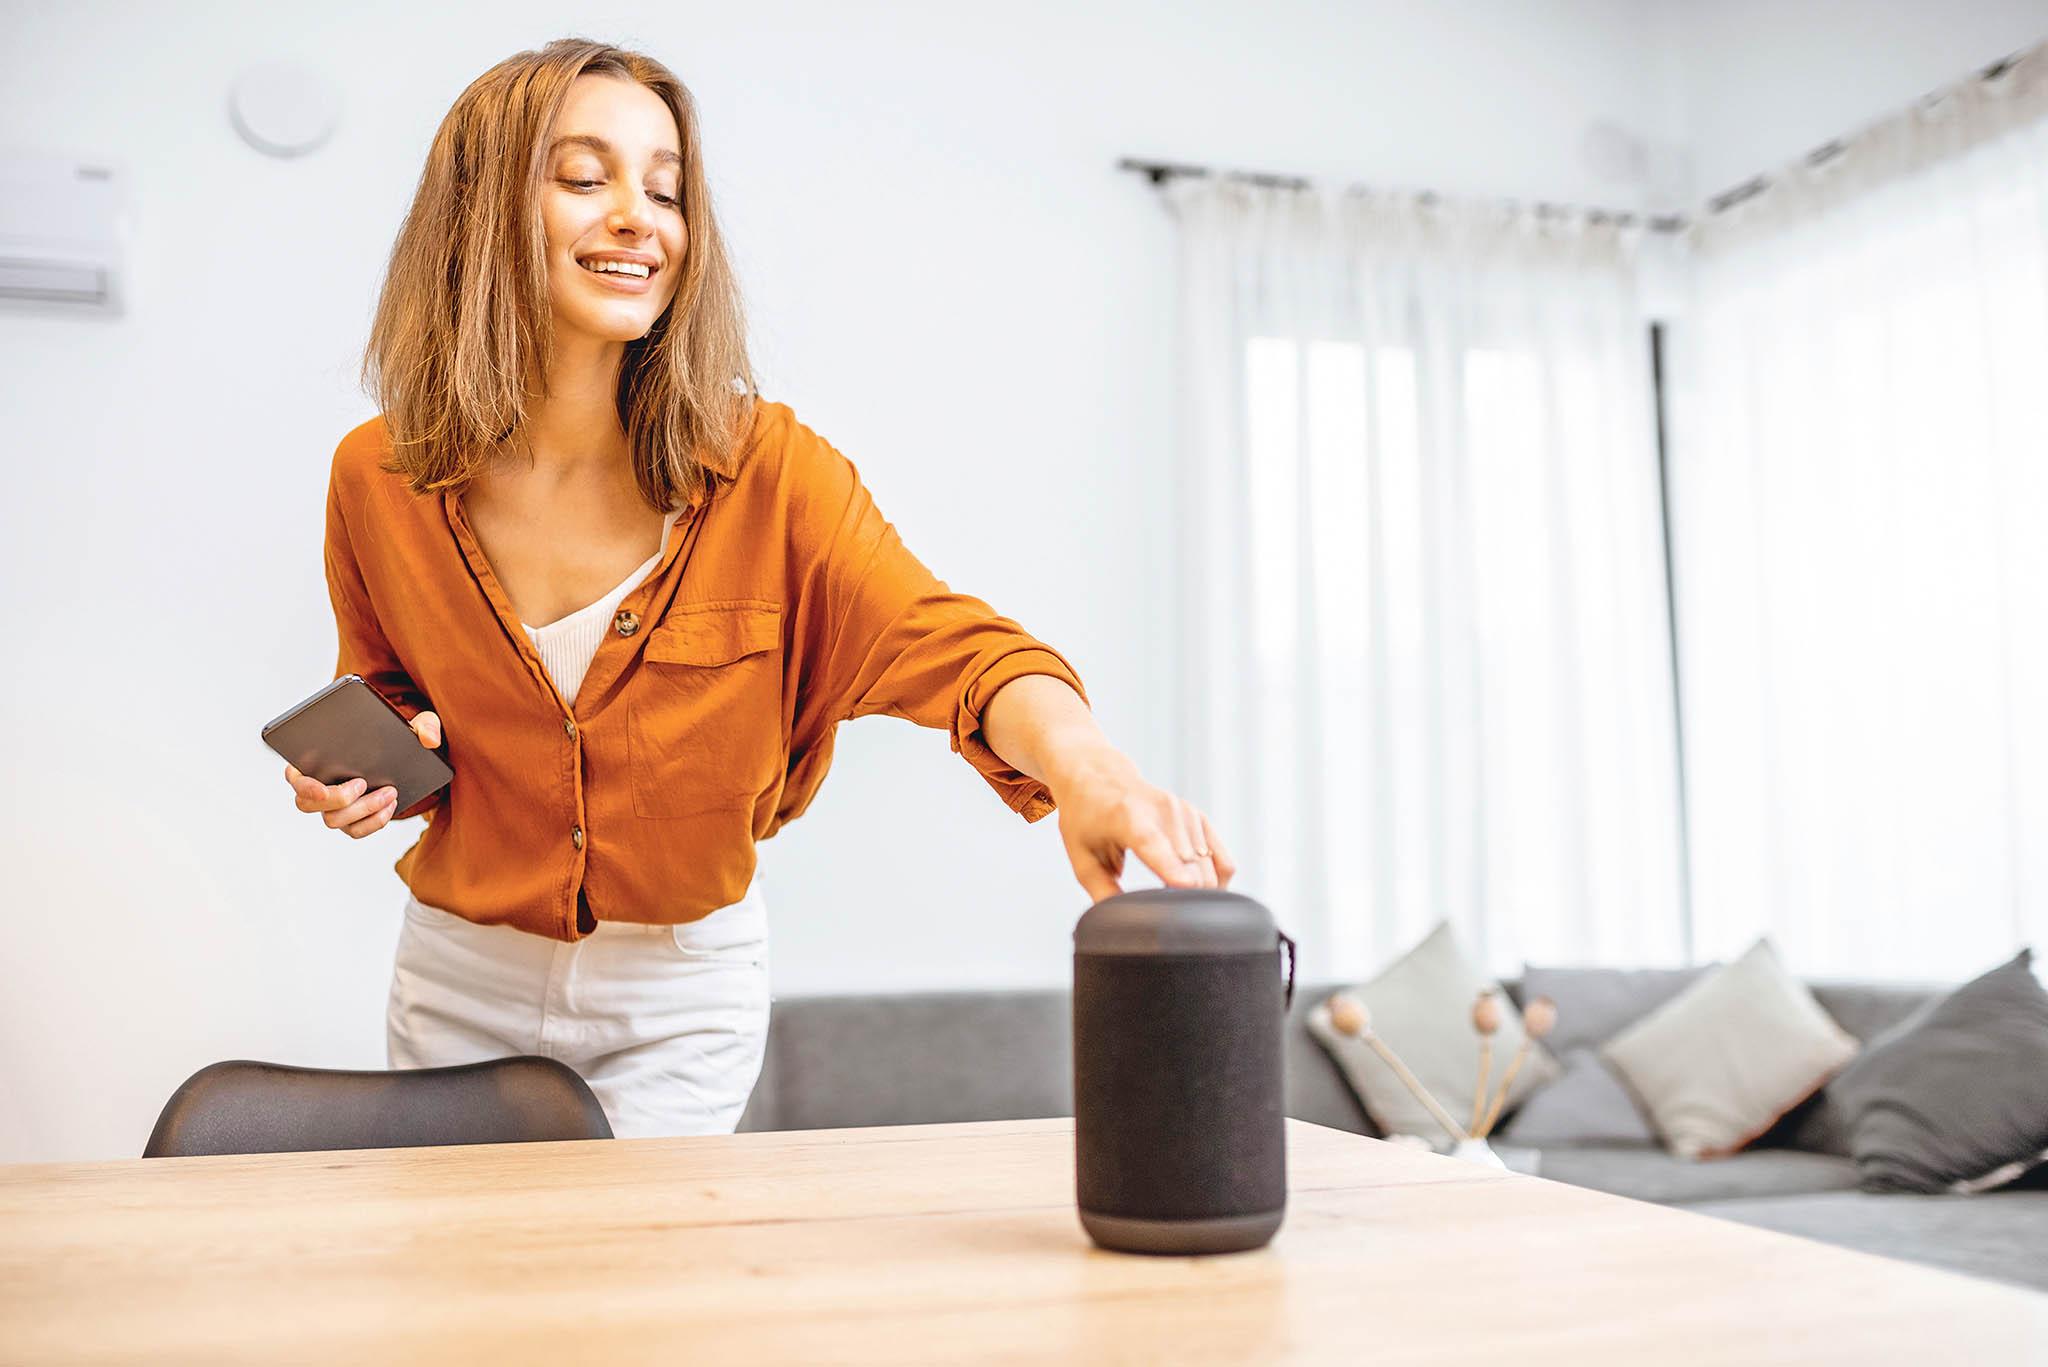 Zajímavým příkladem bezpečnostního rizika mohou být virtuální asistenti ovládaní hlasem. Jejich mikrofon bývá trvale zapnutý a zařízení je připojeno k internetu.